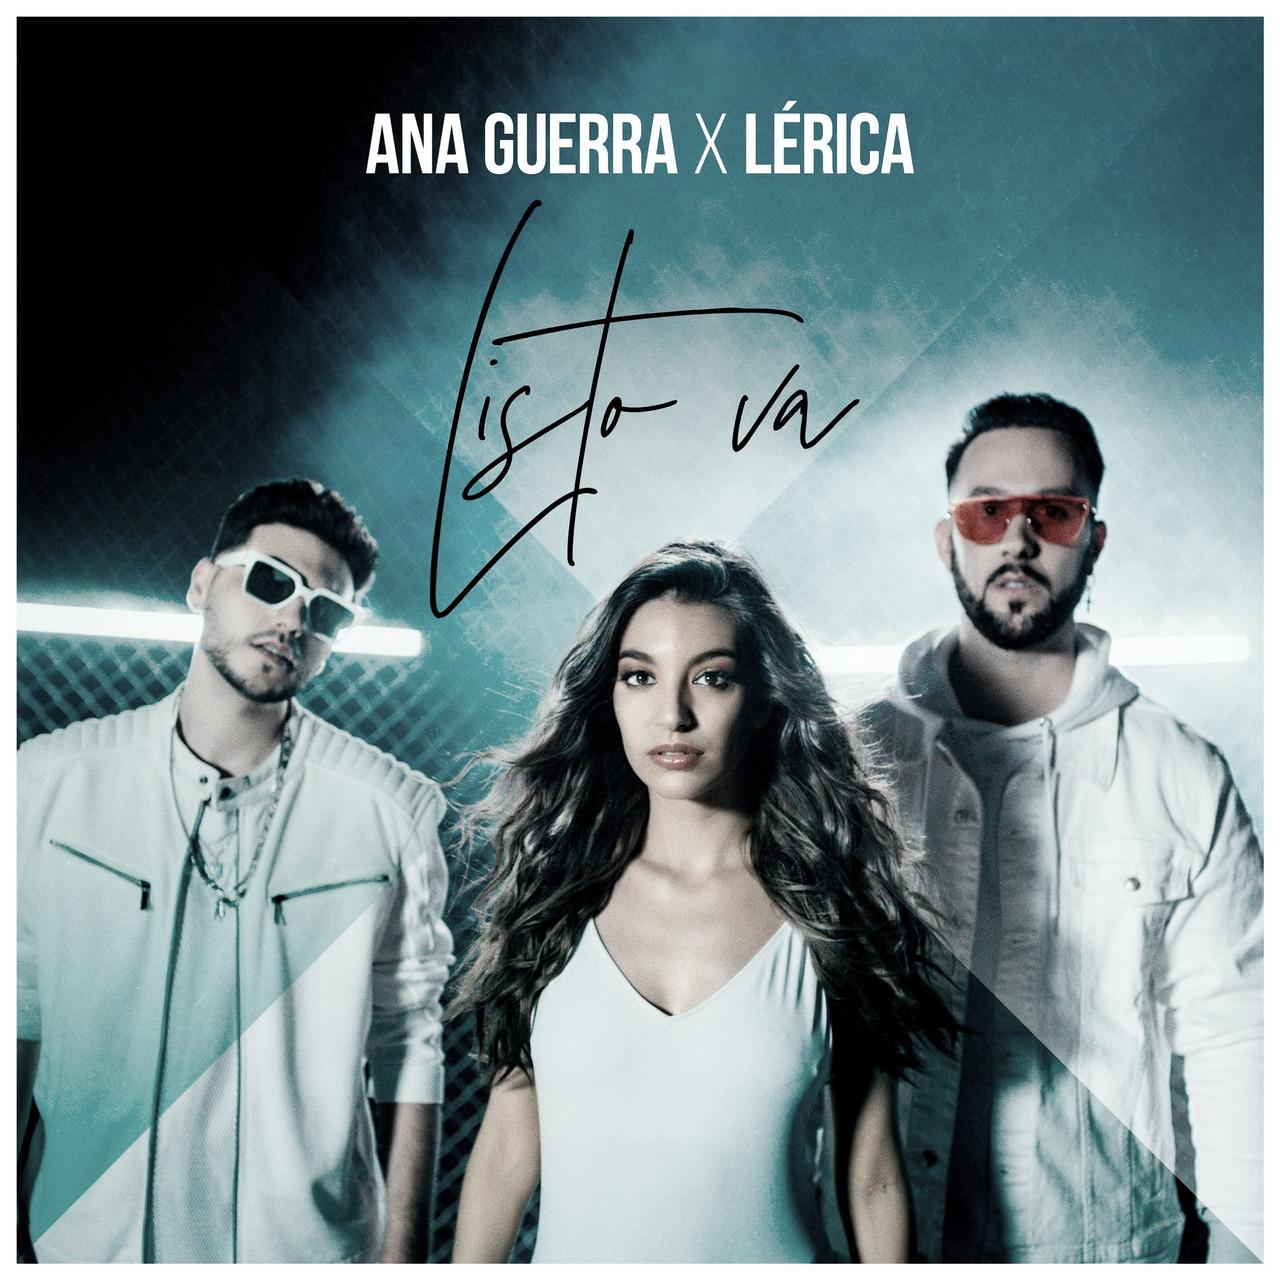 """Ana Guerra y Lérica se unen en """"Listo va"""""""